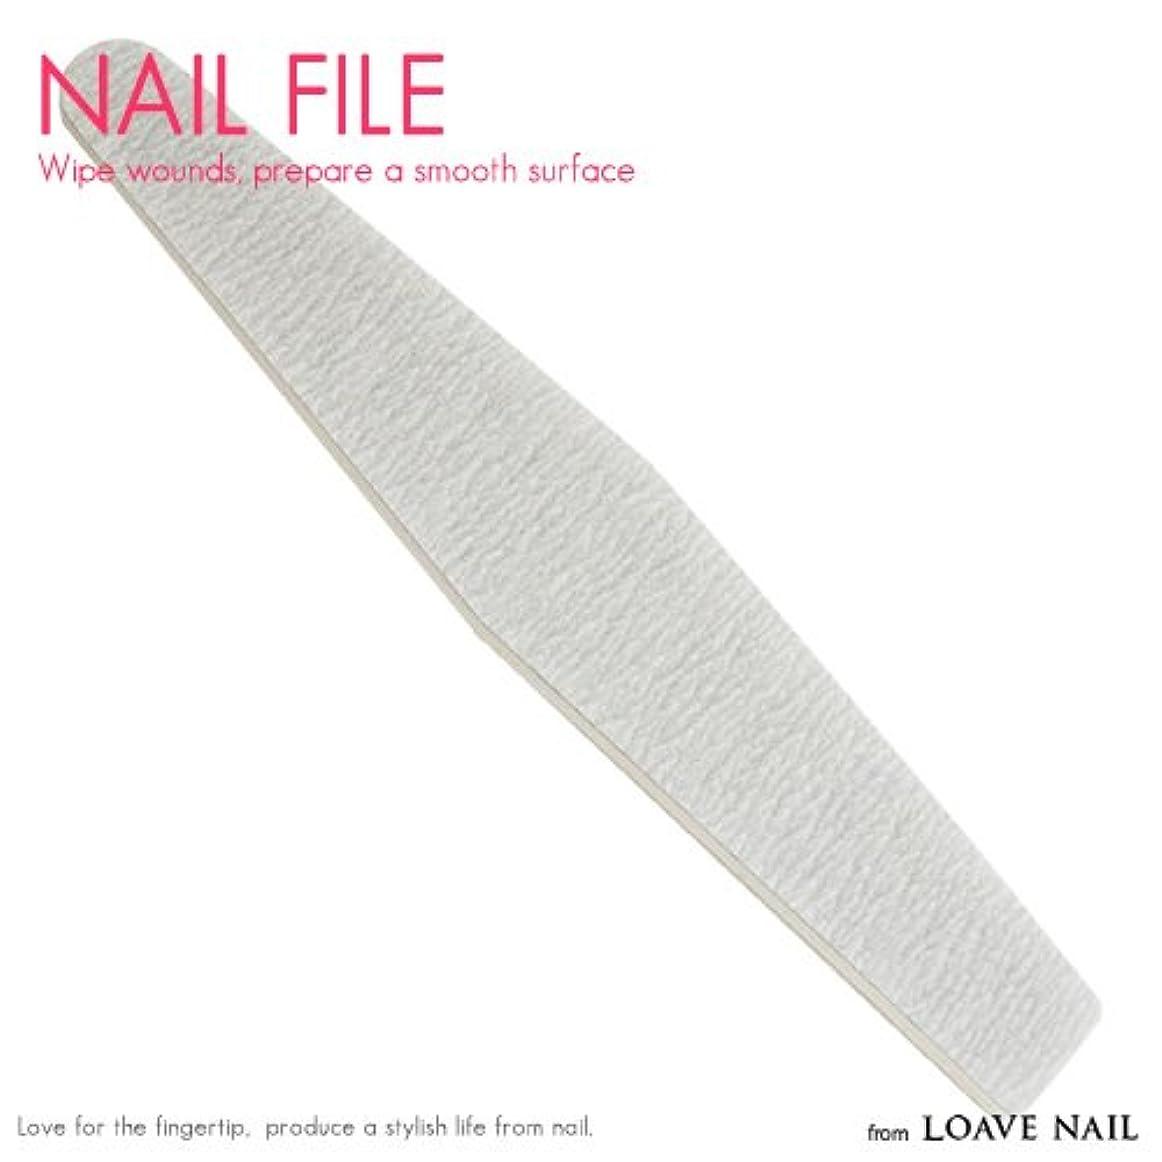 日焼けはさみ風刺ネイルファイル 180/240 ジェルネイル ネイル用品